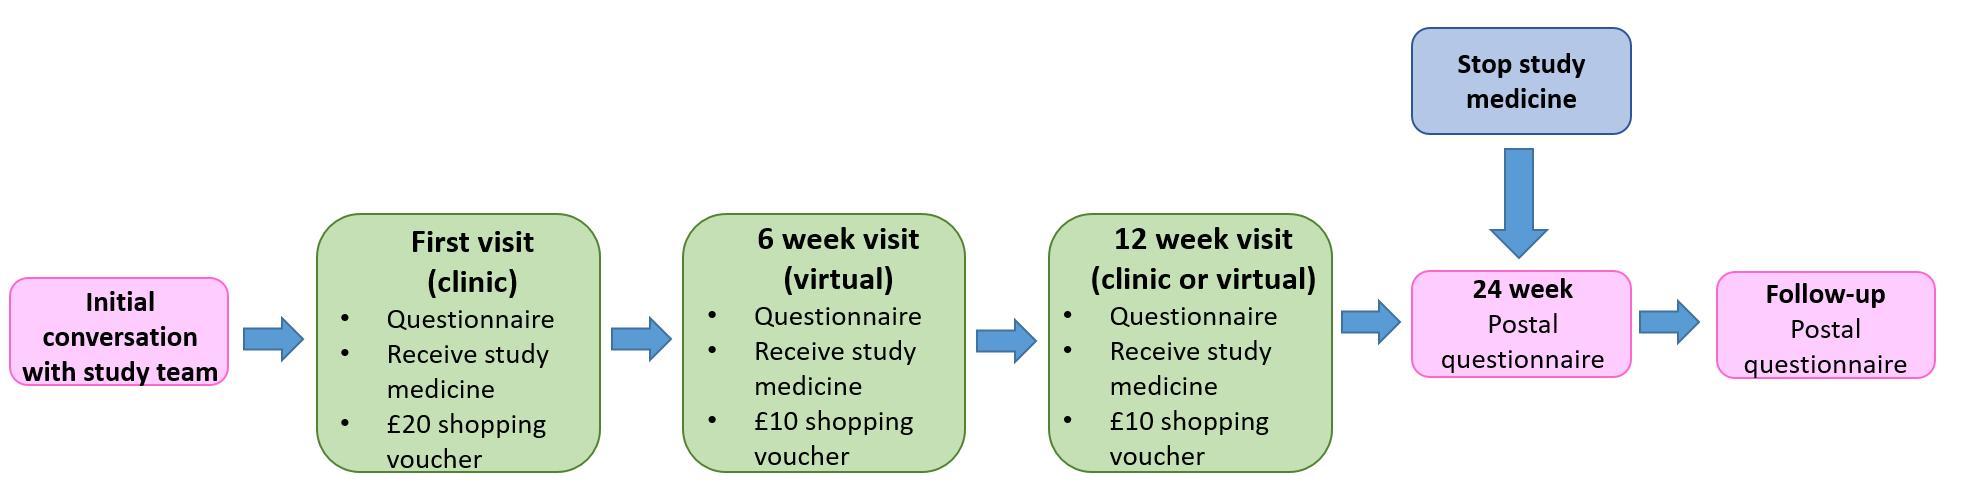 Timeline of SAFA study